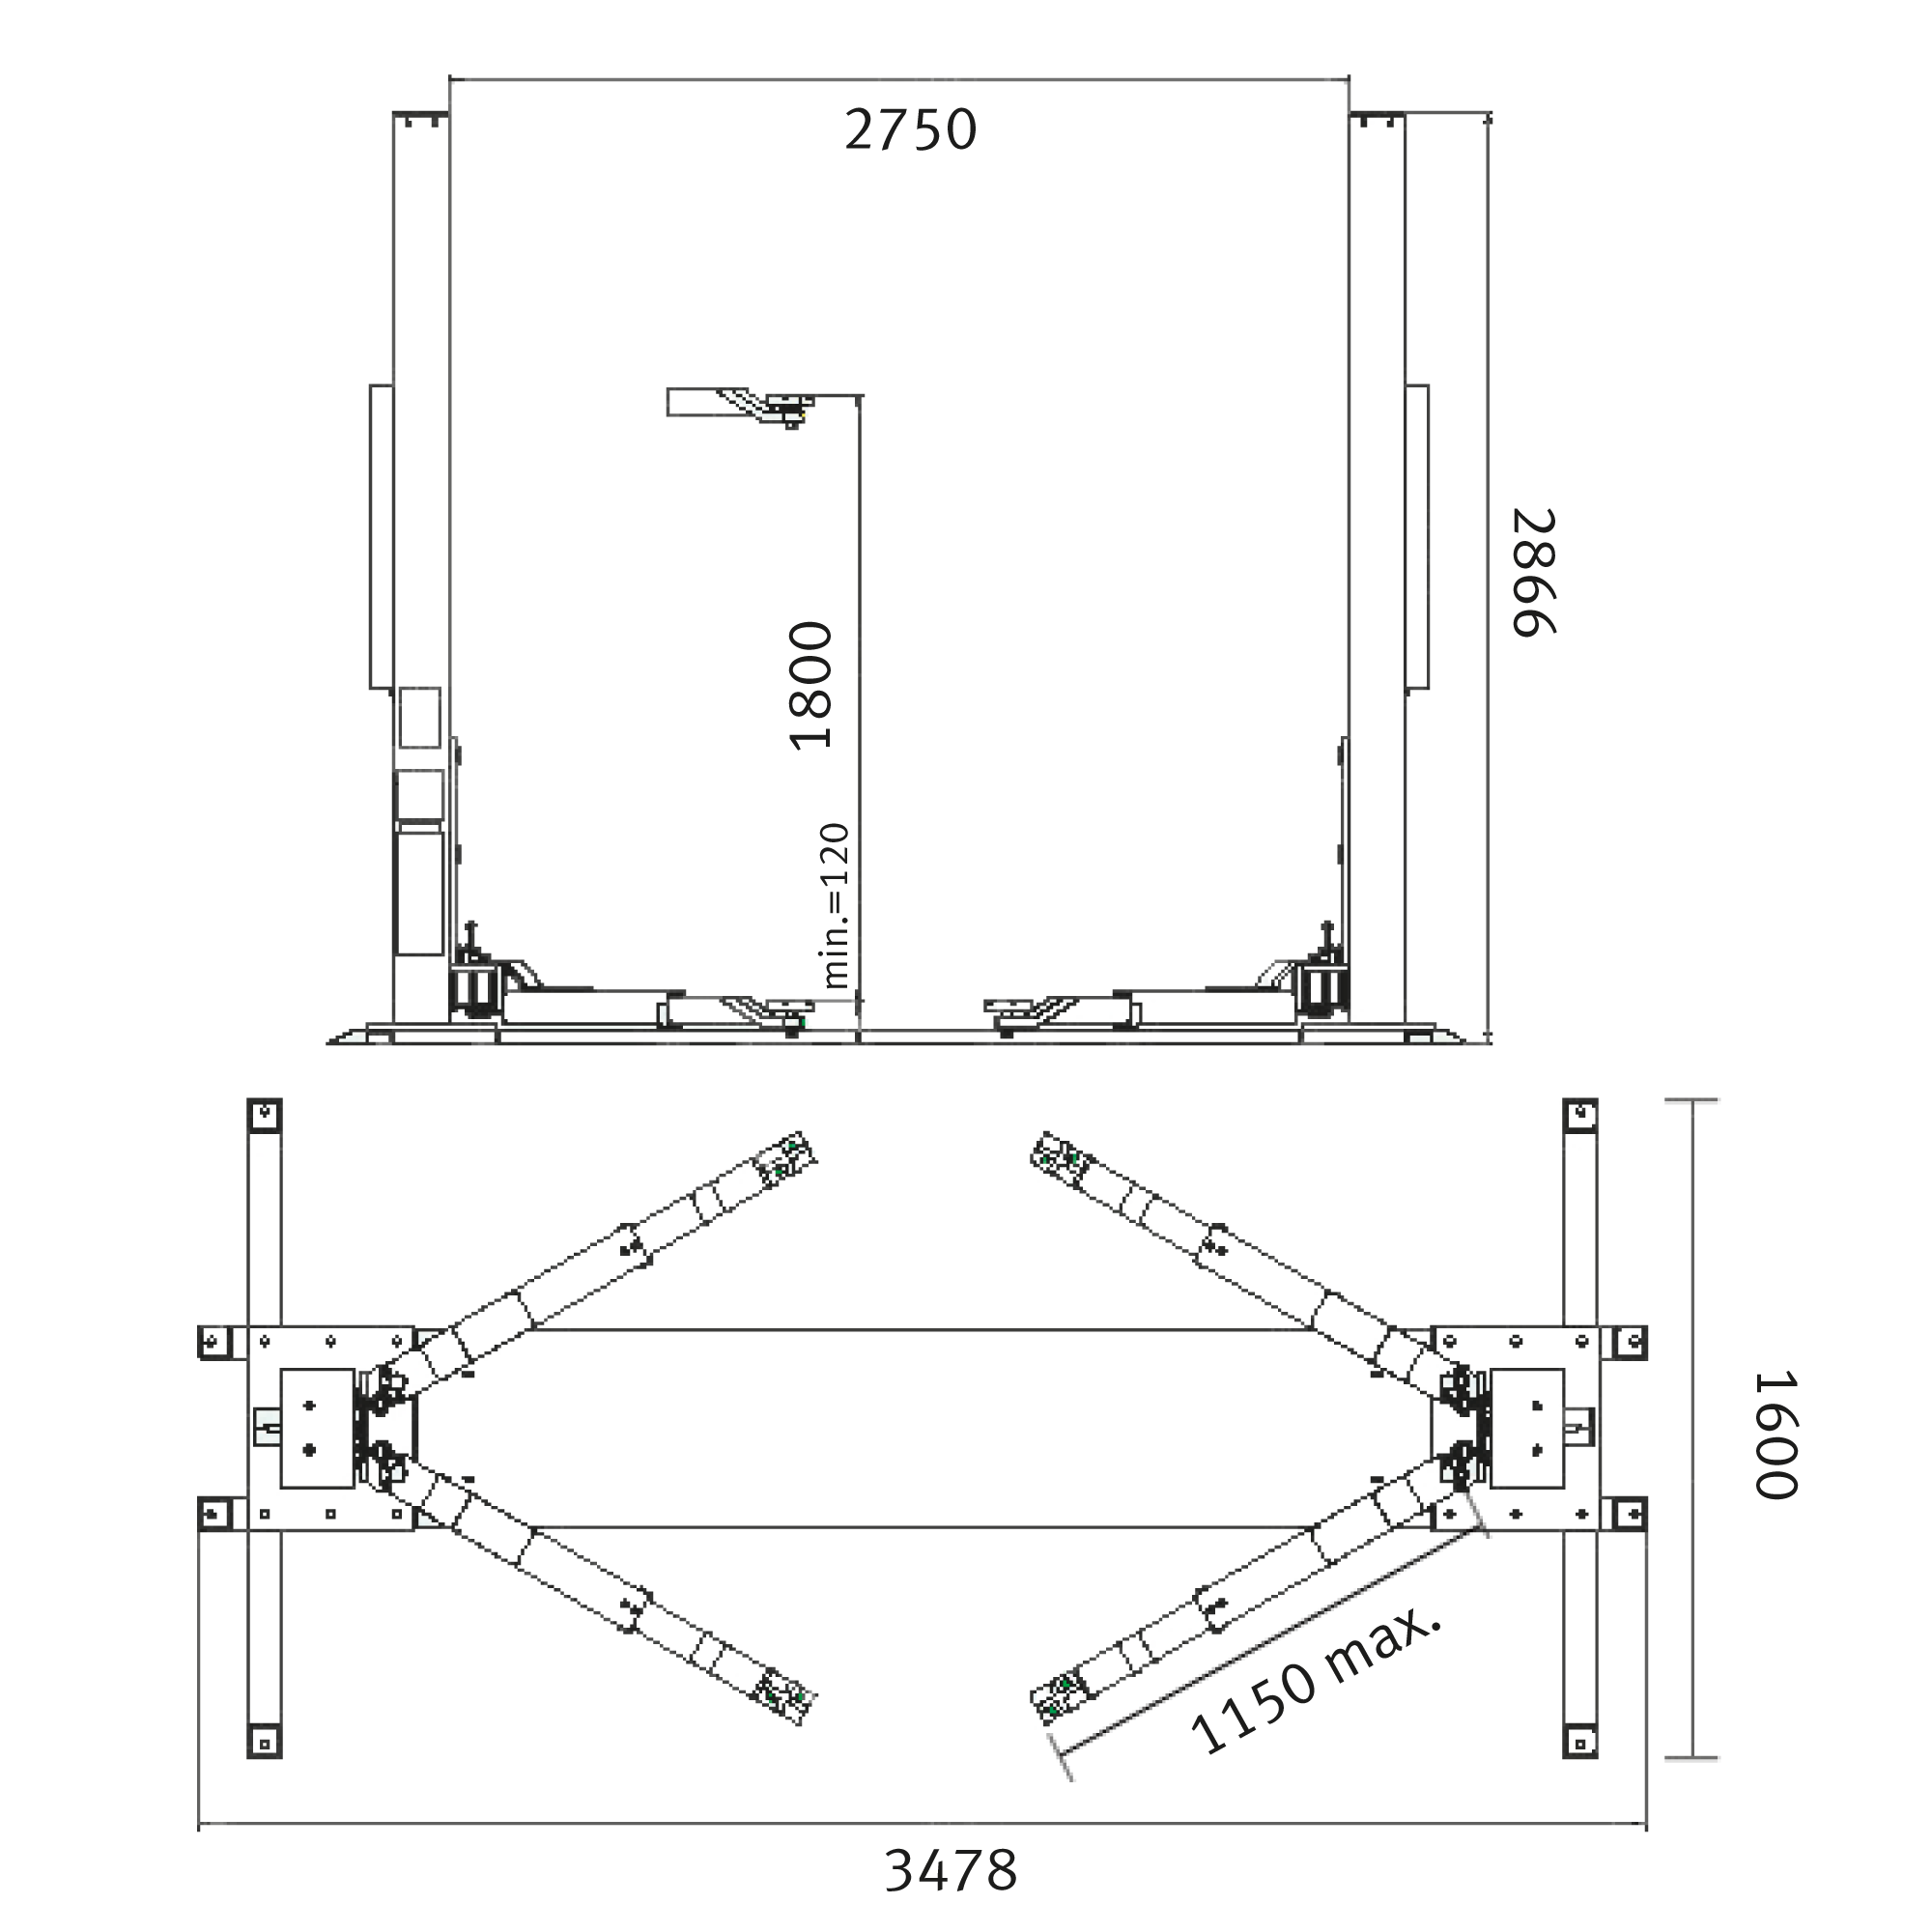 Schema electrique d'un pont elevateur